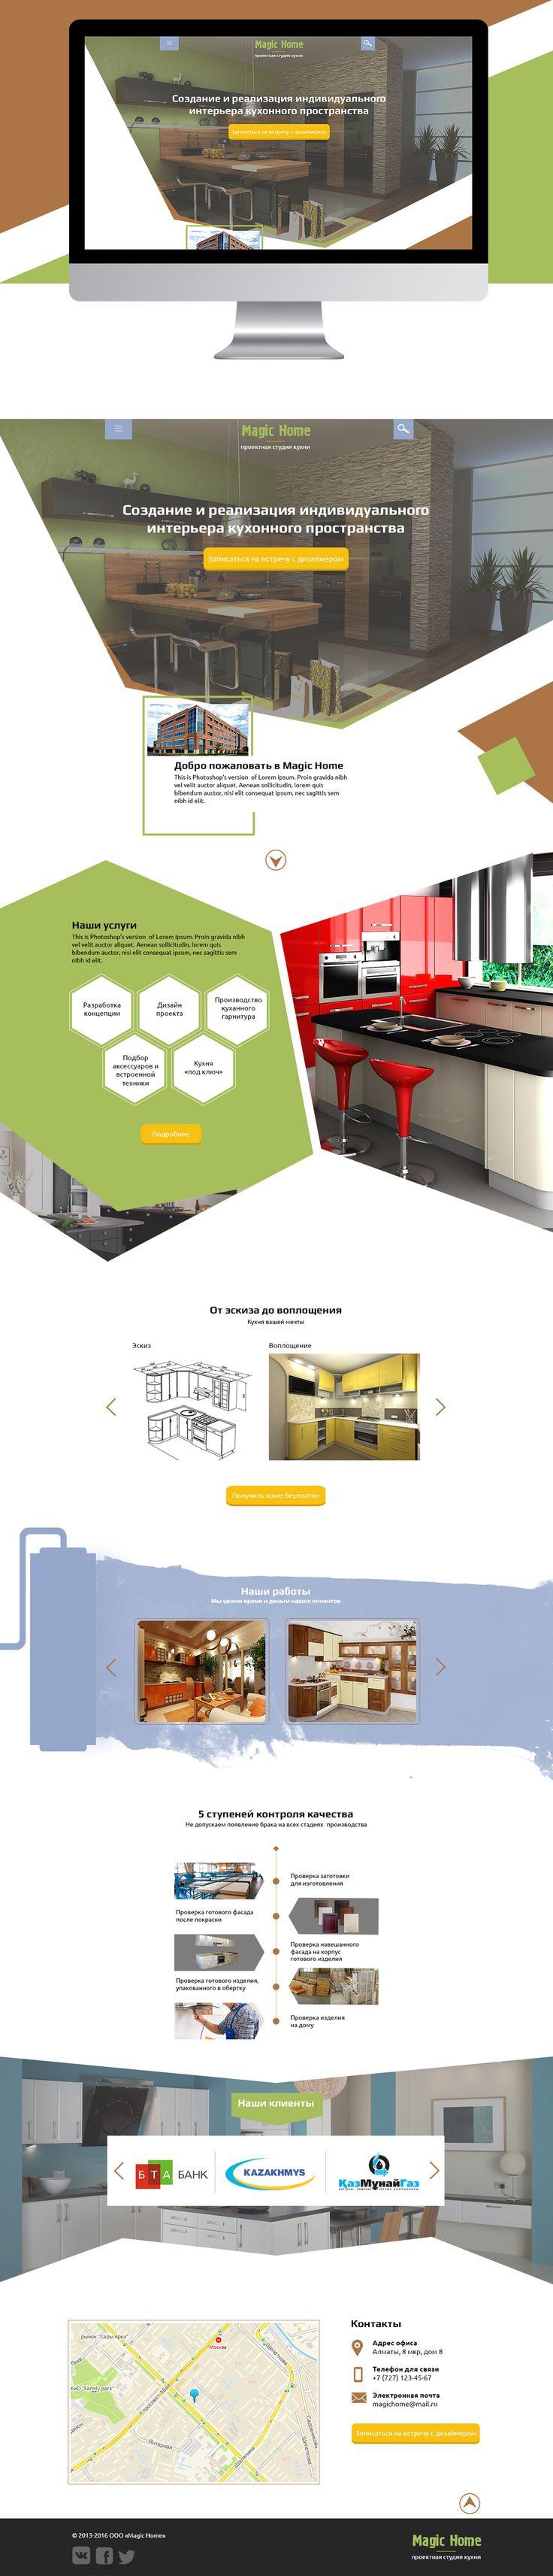 Лендинг пейдж. Интерьер кухонного пространства.